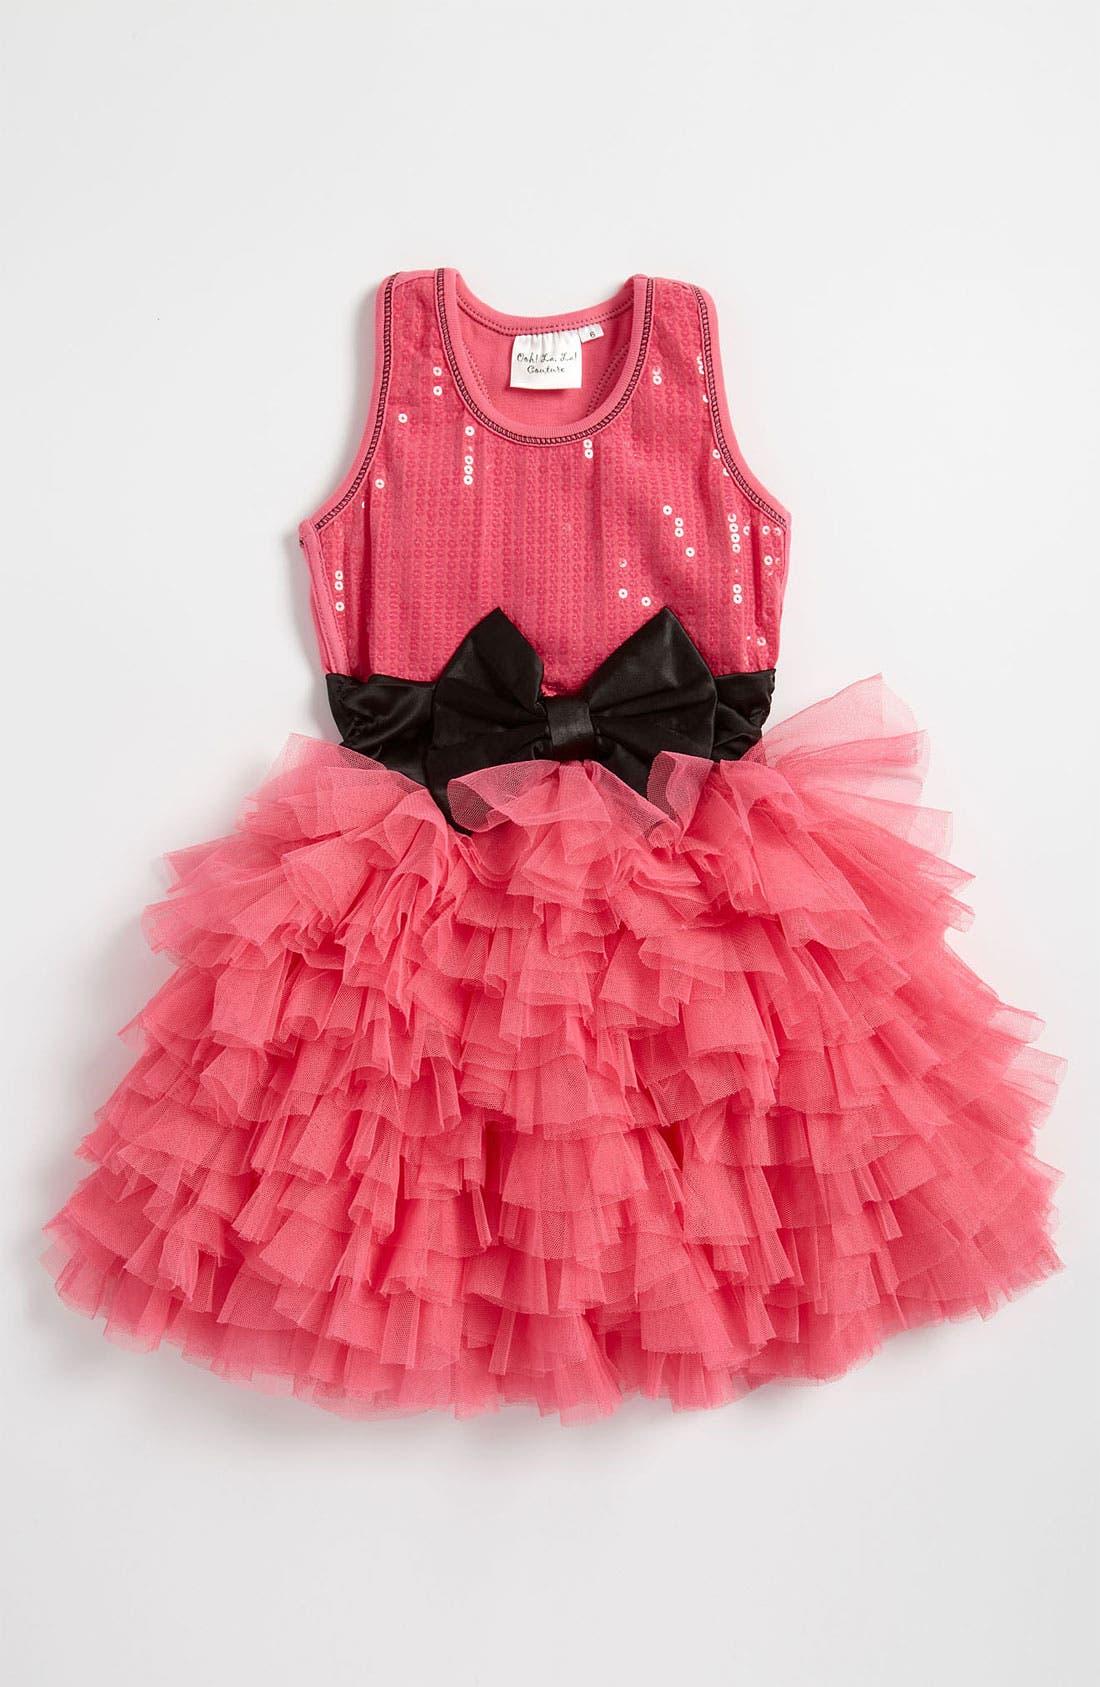 Main Image - Ooh! La, La! Couture 'Wow' Sequin Tutu Dress (Little Girls)